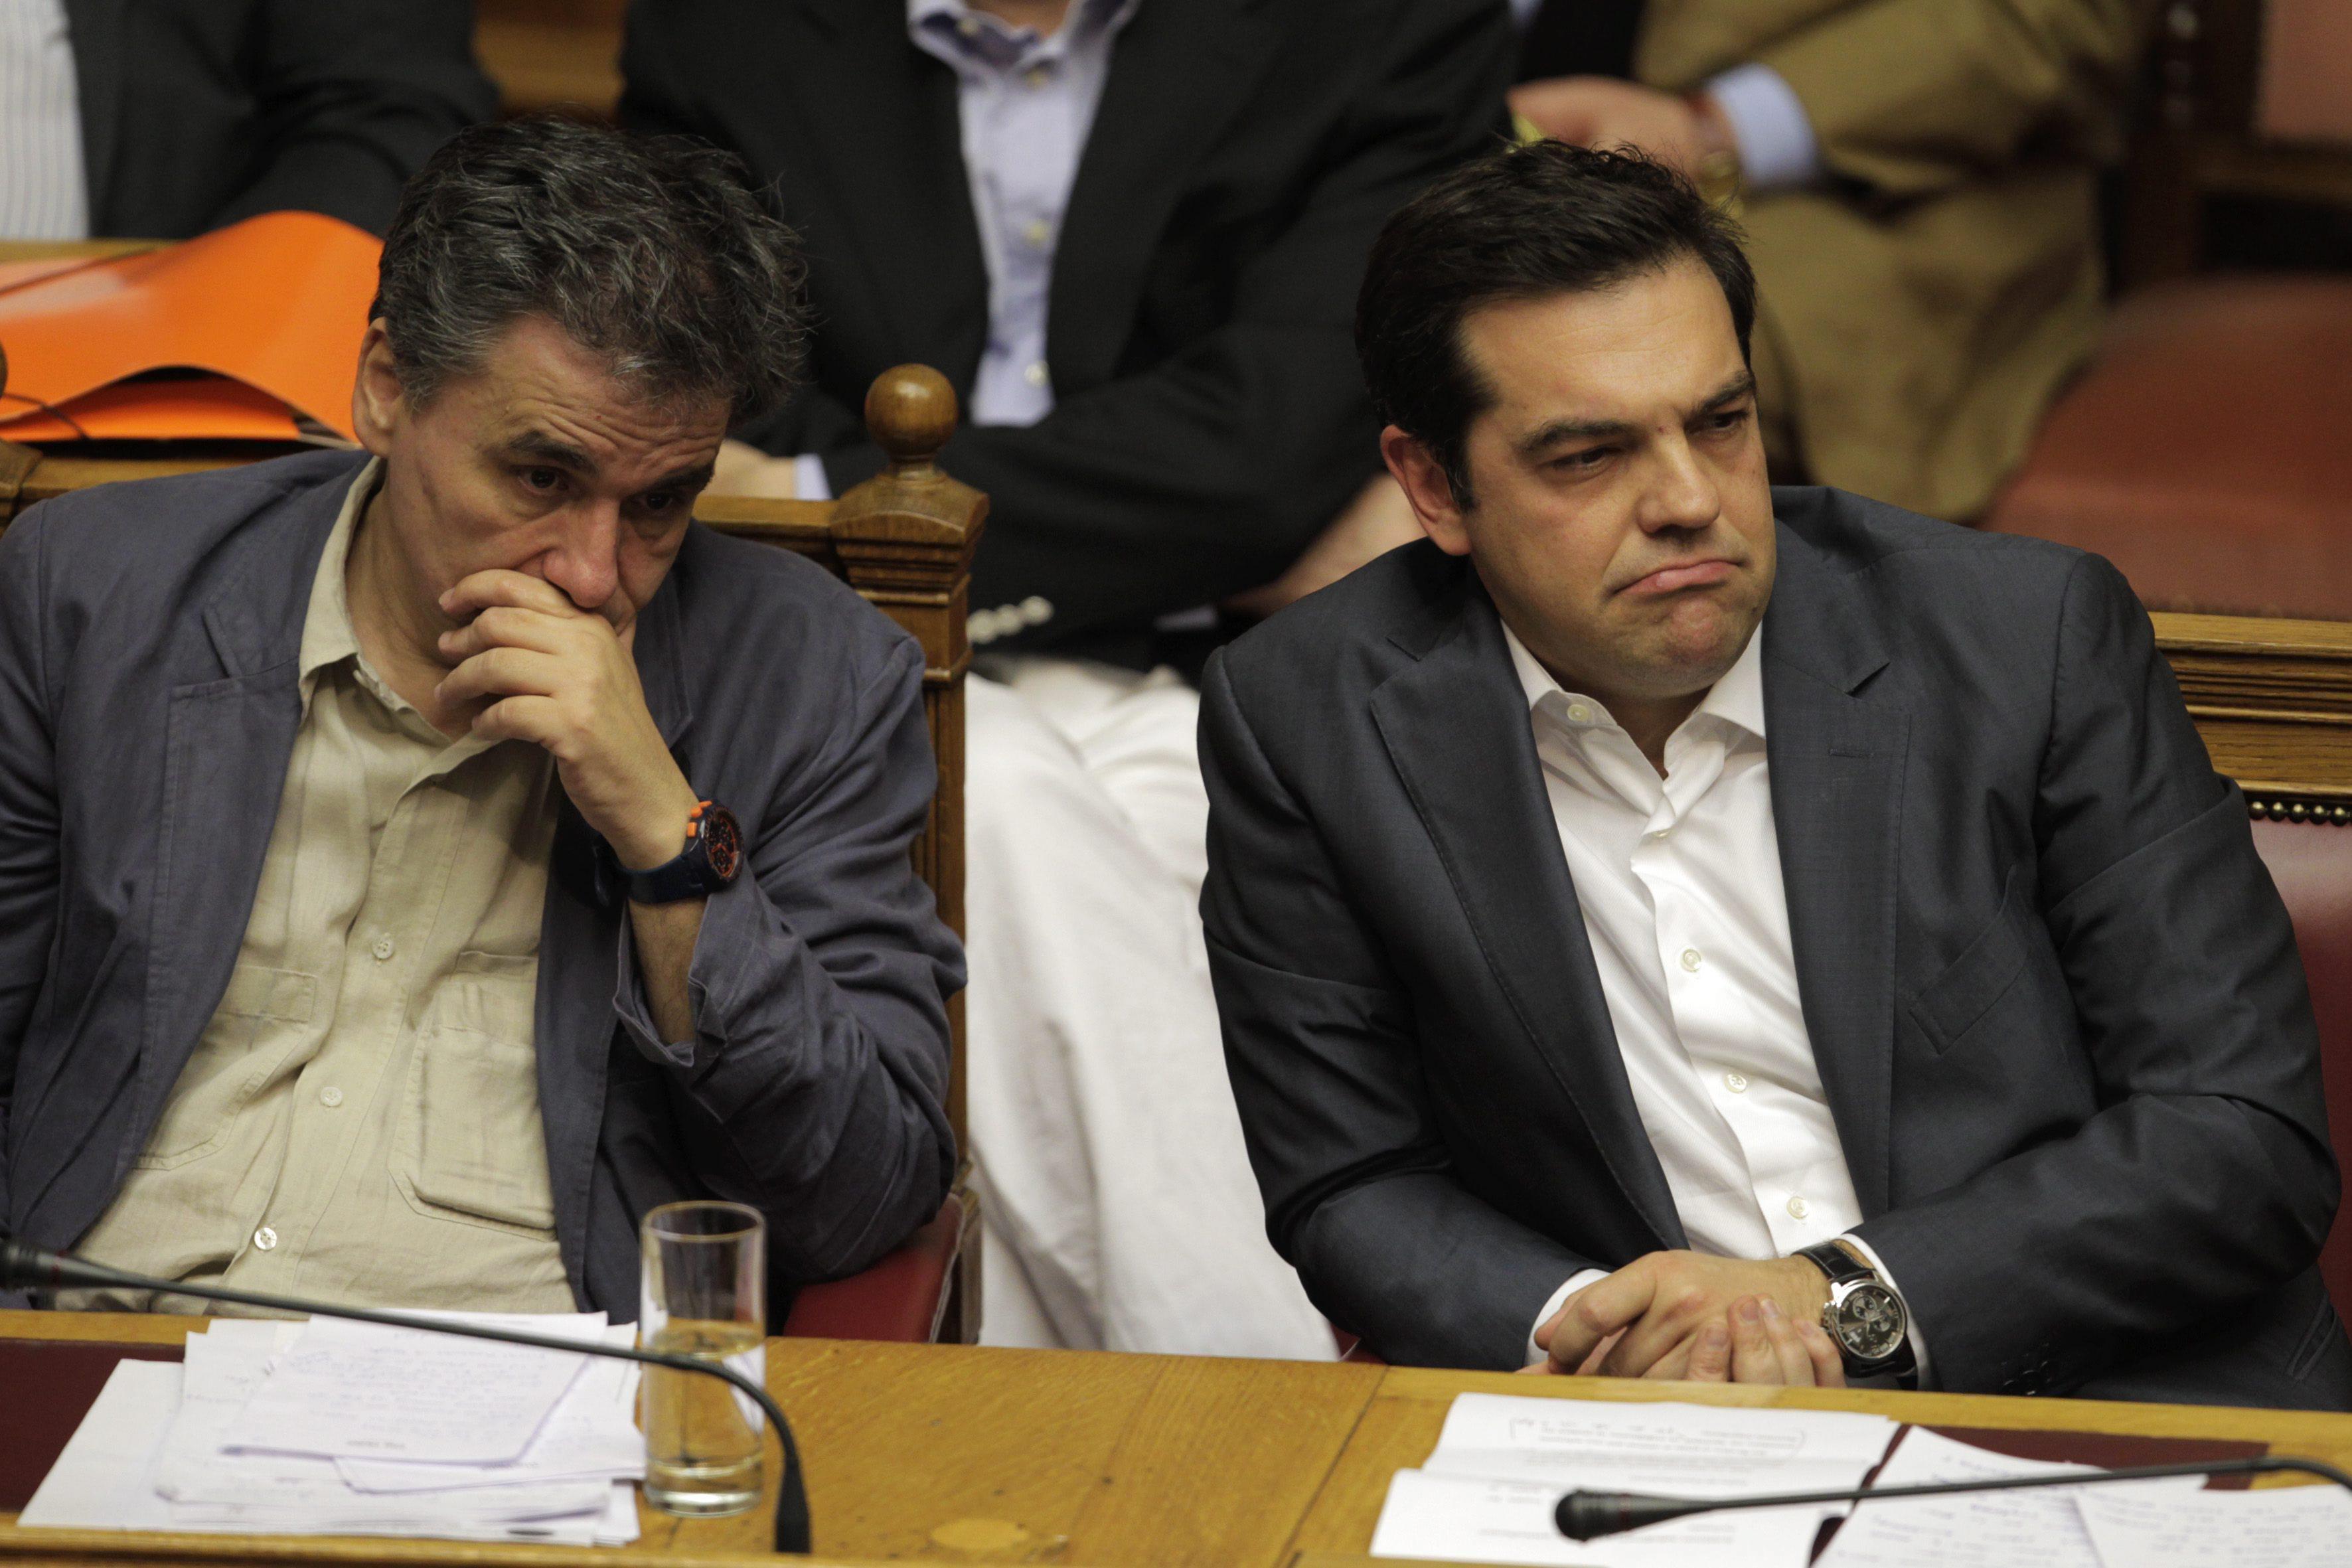 Parlamentarii greci au votat in majoritate covarsitoare adoptarea planului de austeritate. Tsipras a fost ajutat de opozitie